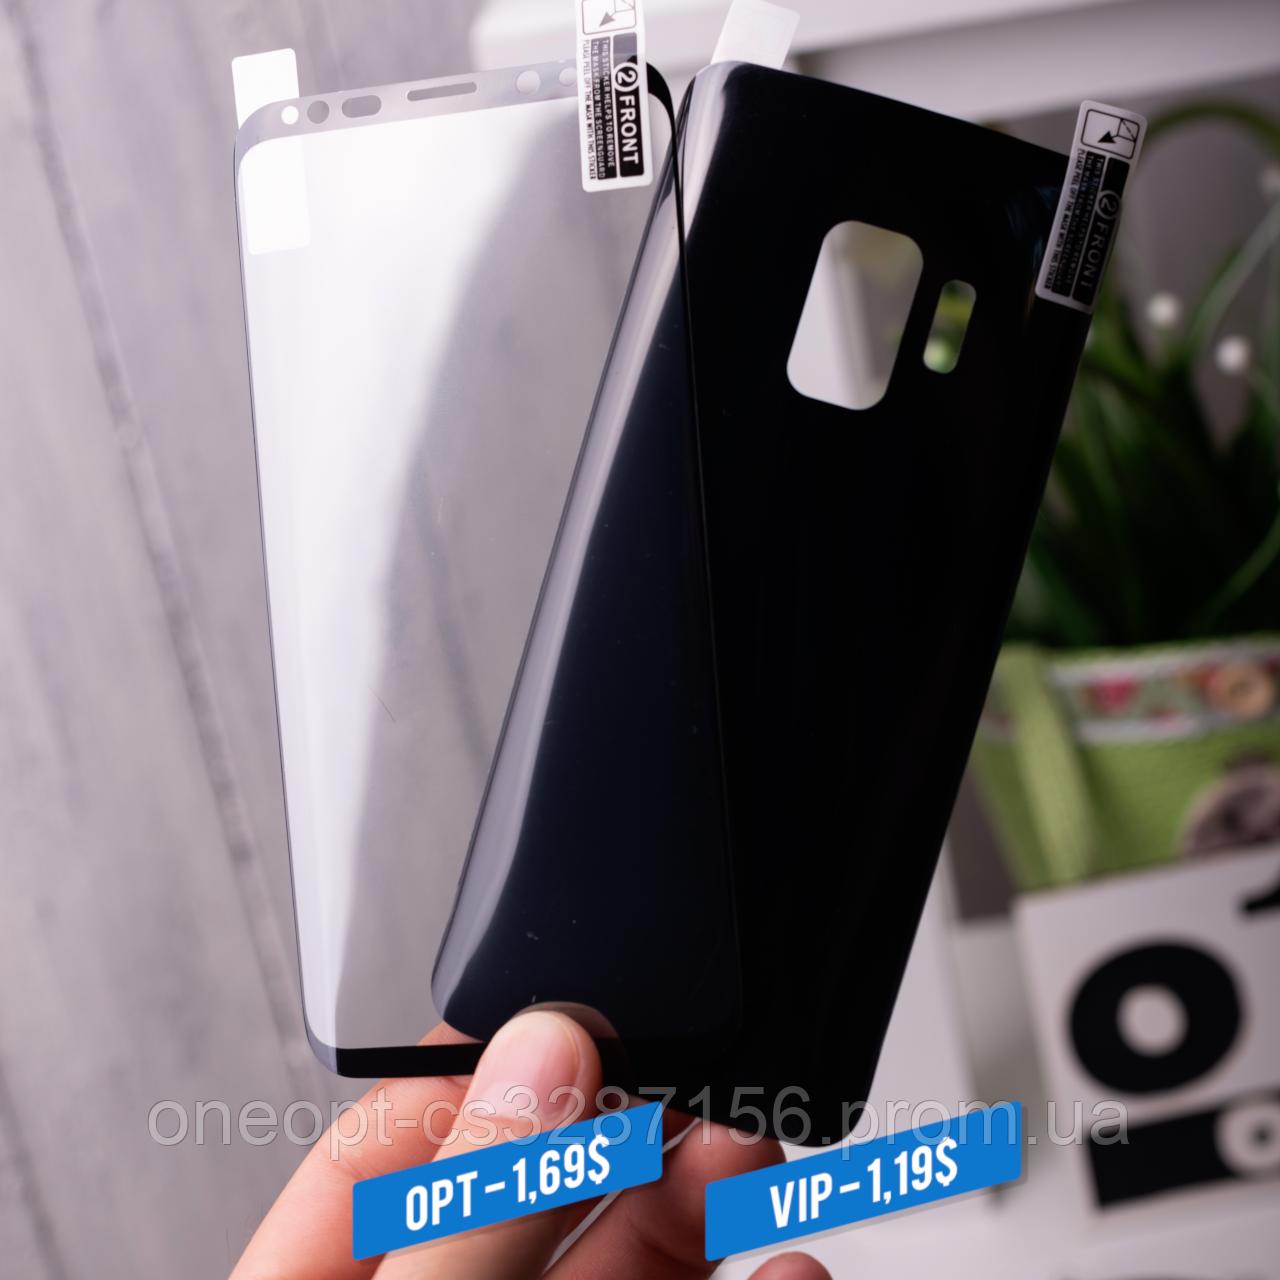 Полиуретановая мягкая плёнка Front+Back для Samsung S8 Black